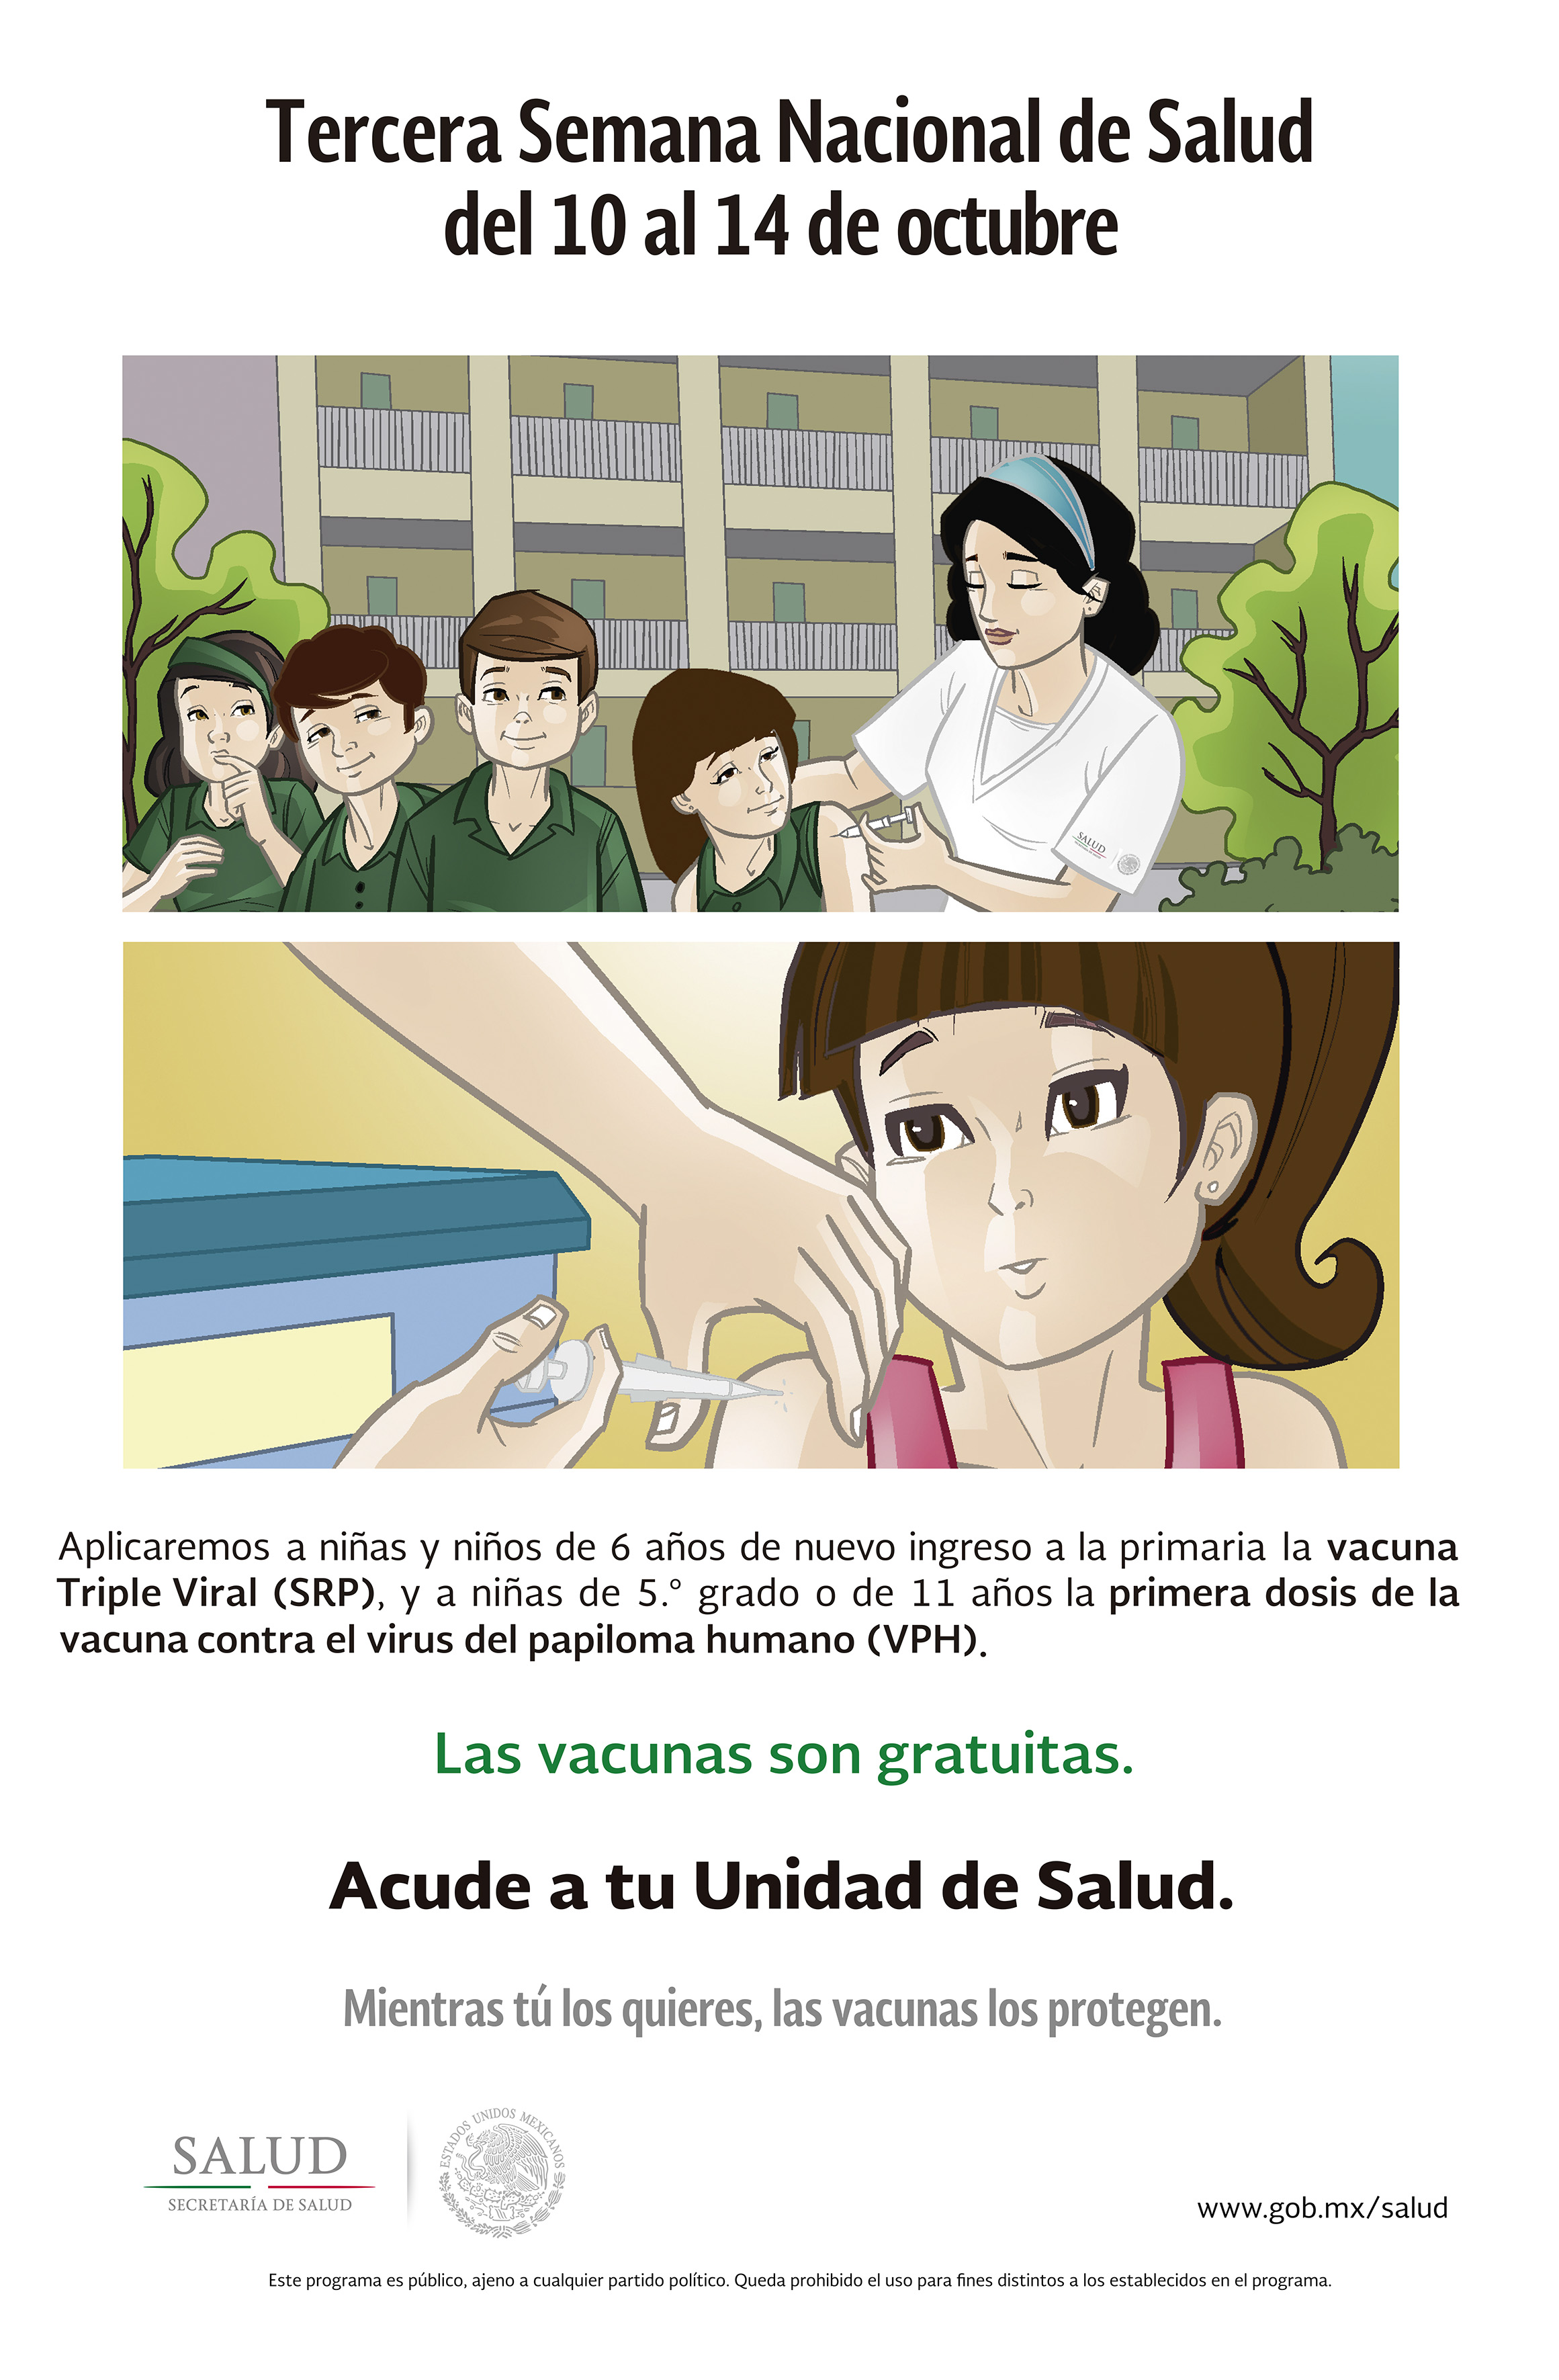 /cms/uploads/image/file/210356/Cartel_Tercera_Semana_Nacional_de_Salud_2016_ACTUALIZADO.jpg